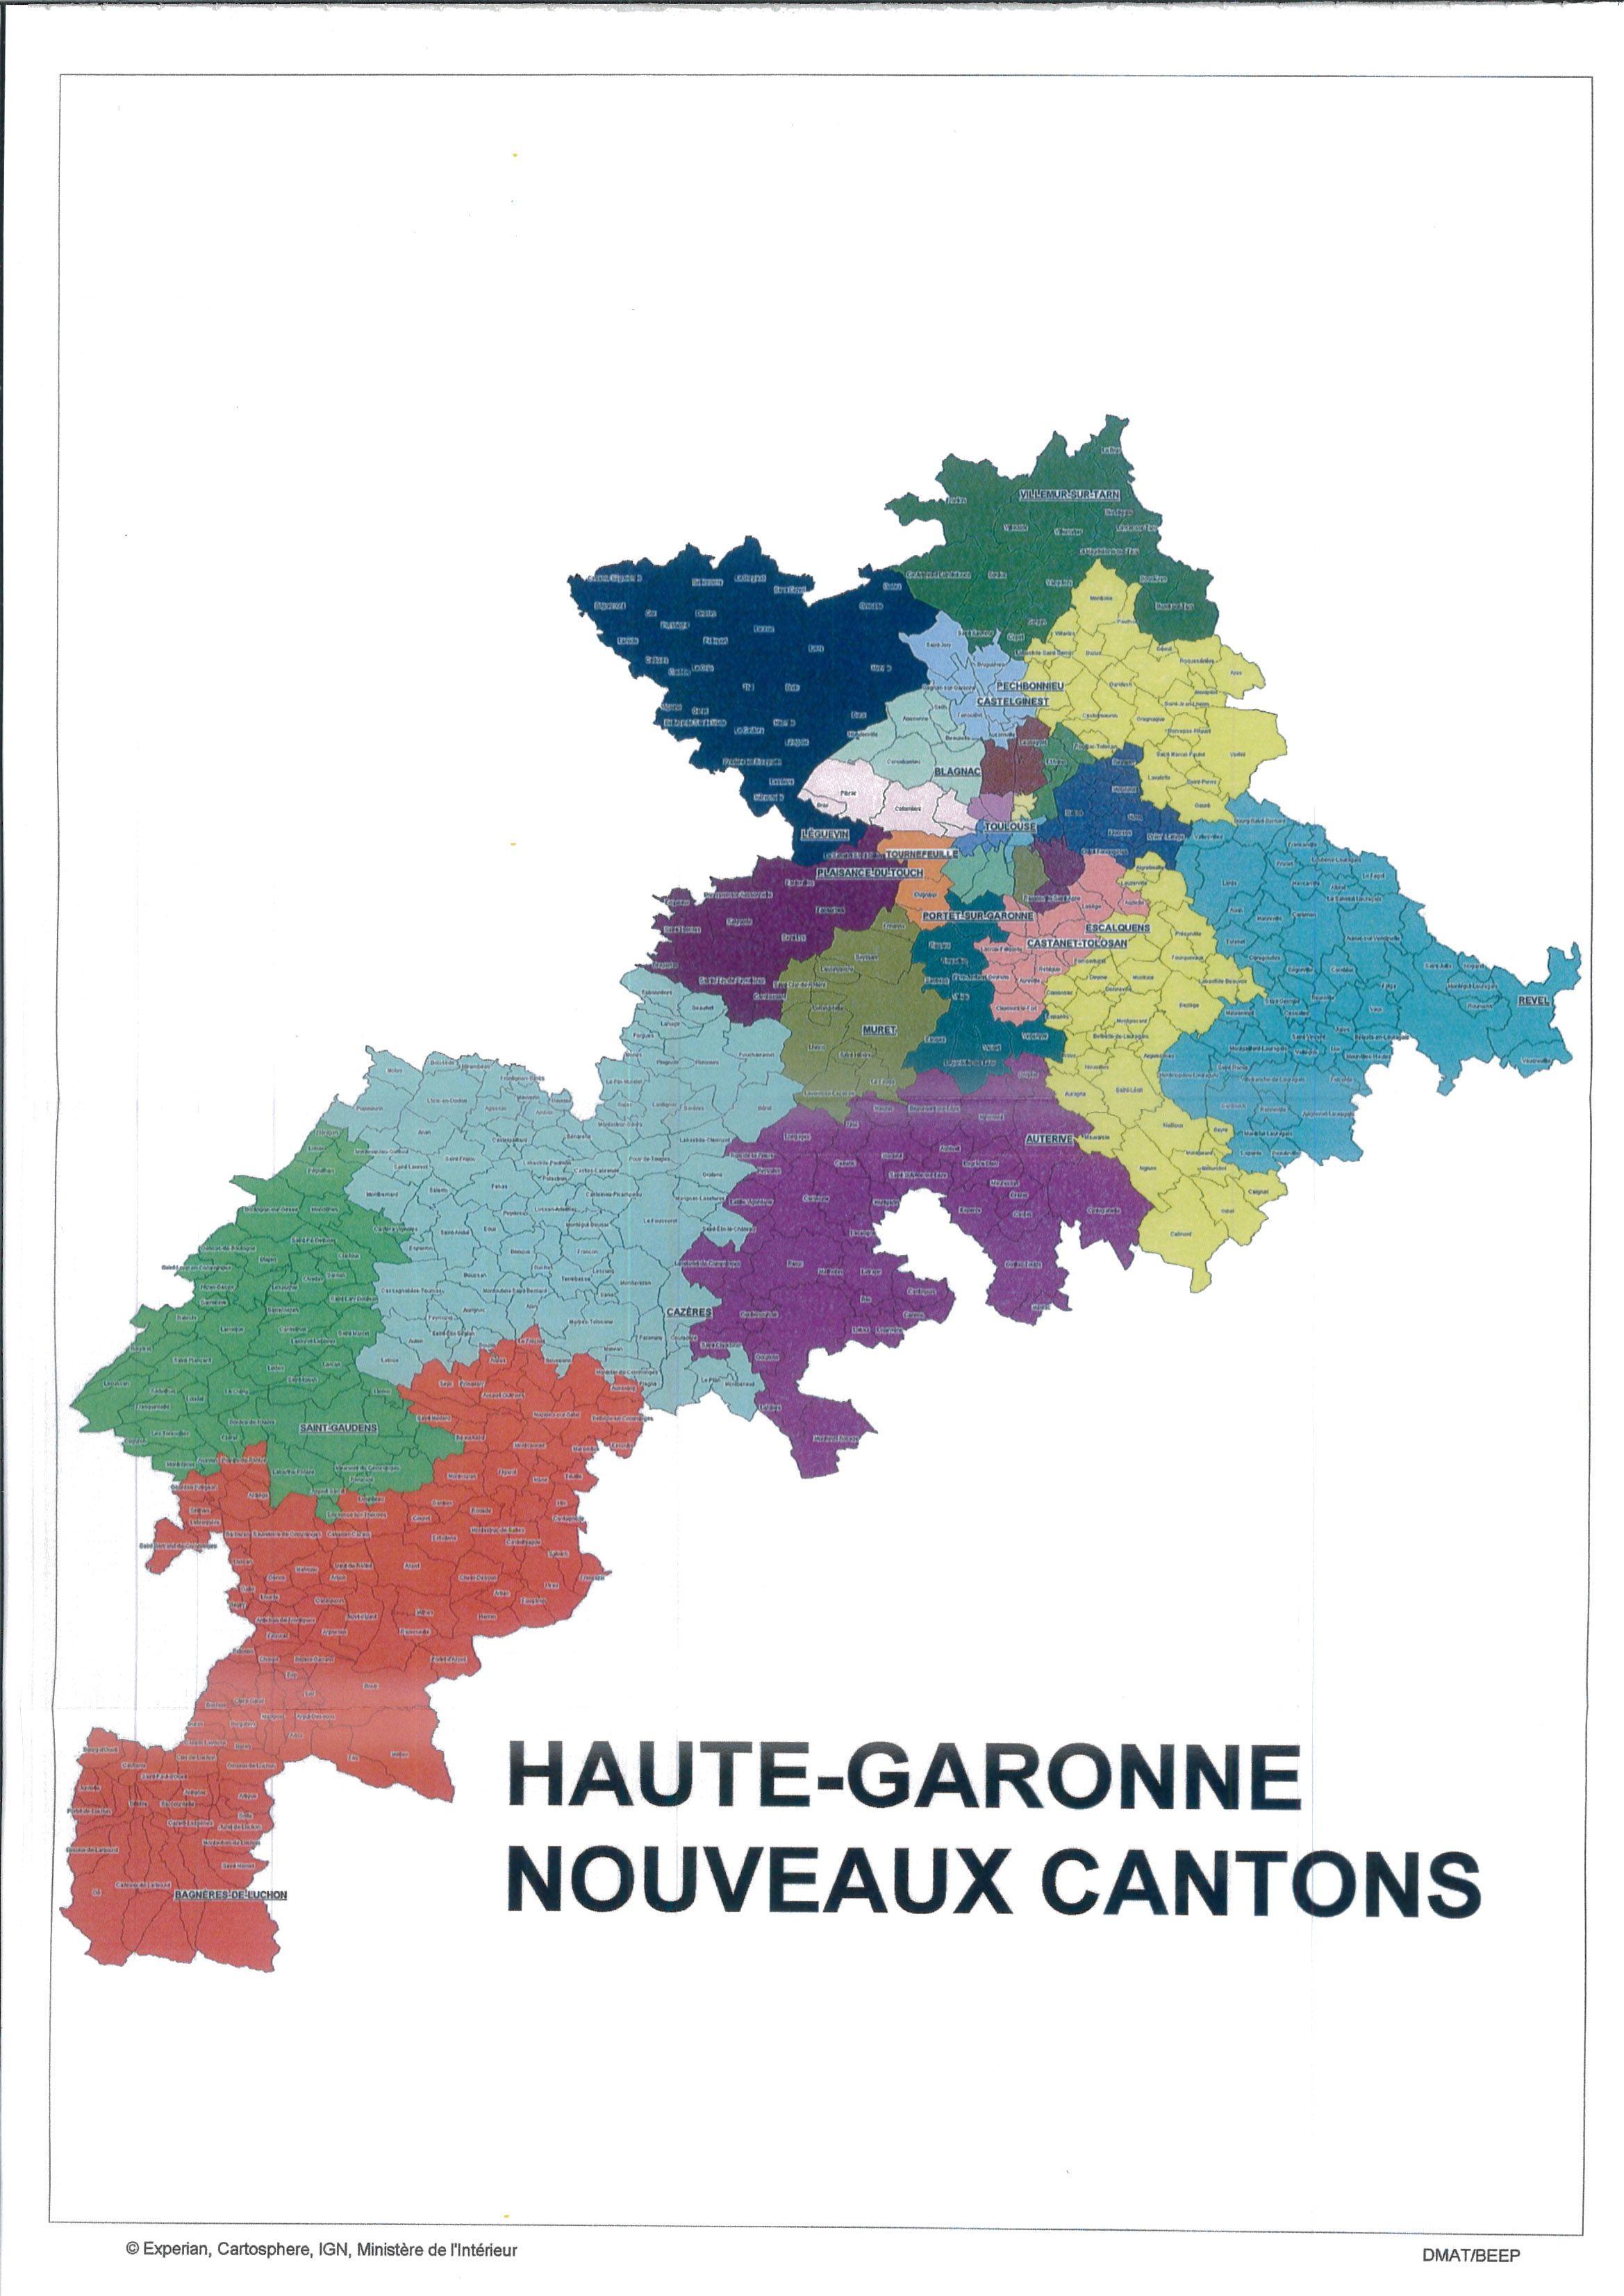 Carte des cantons de la Haute-Garonne